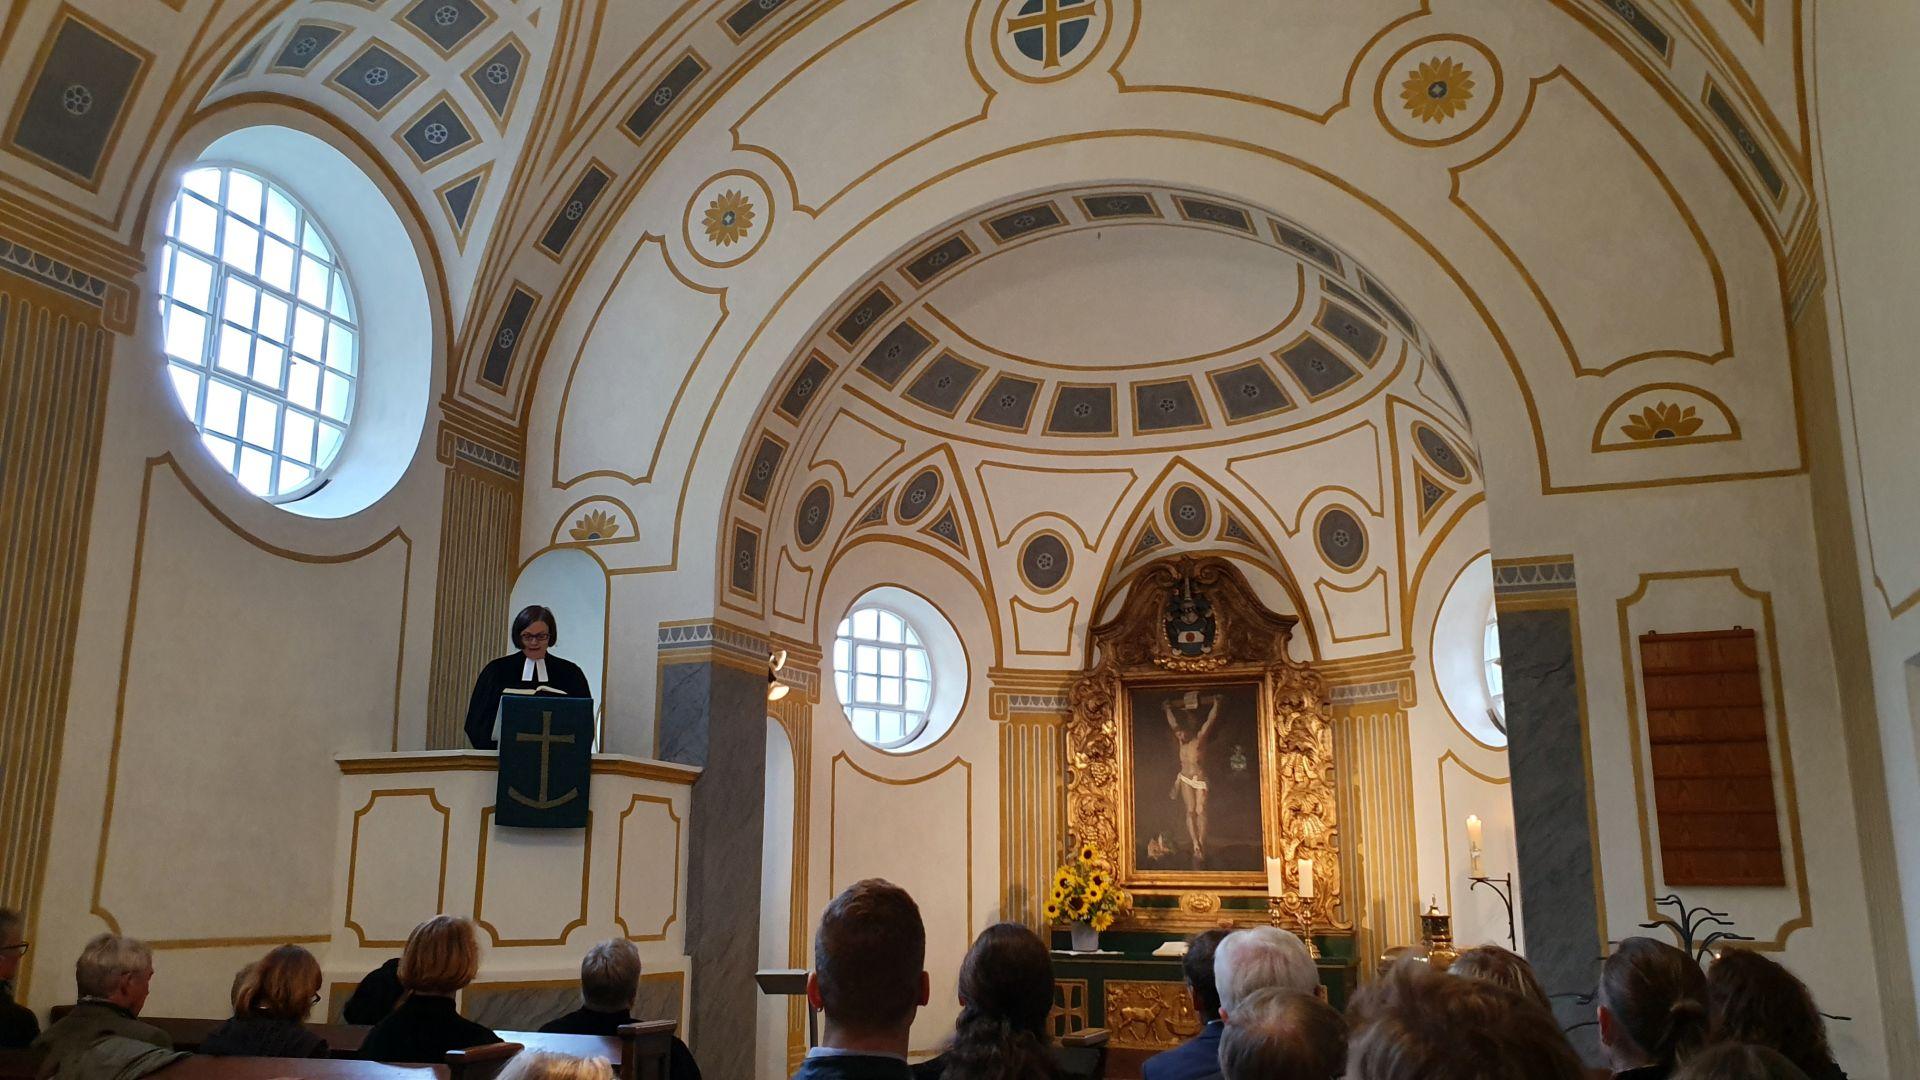 Anna Ammon auf der Kanzel der Kirche in Kochel